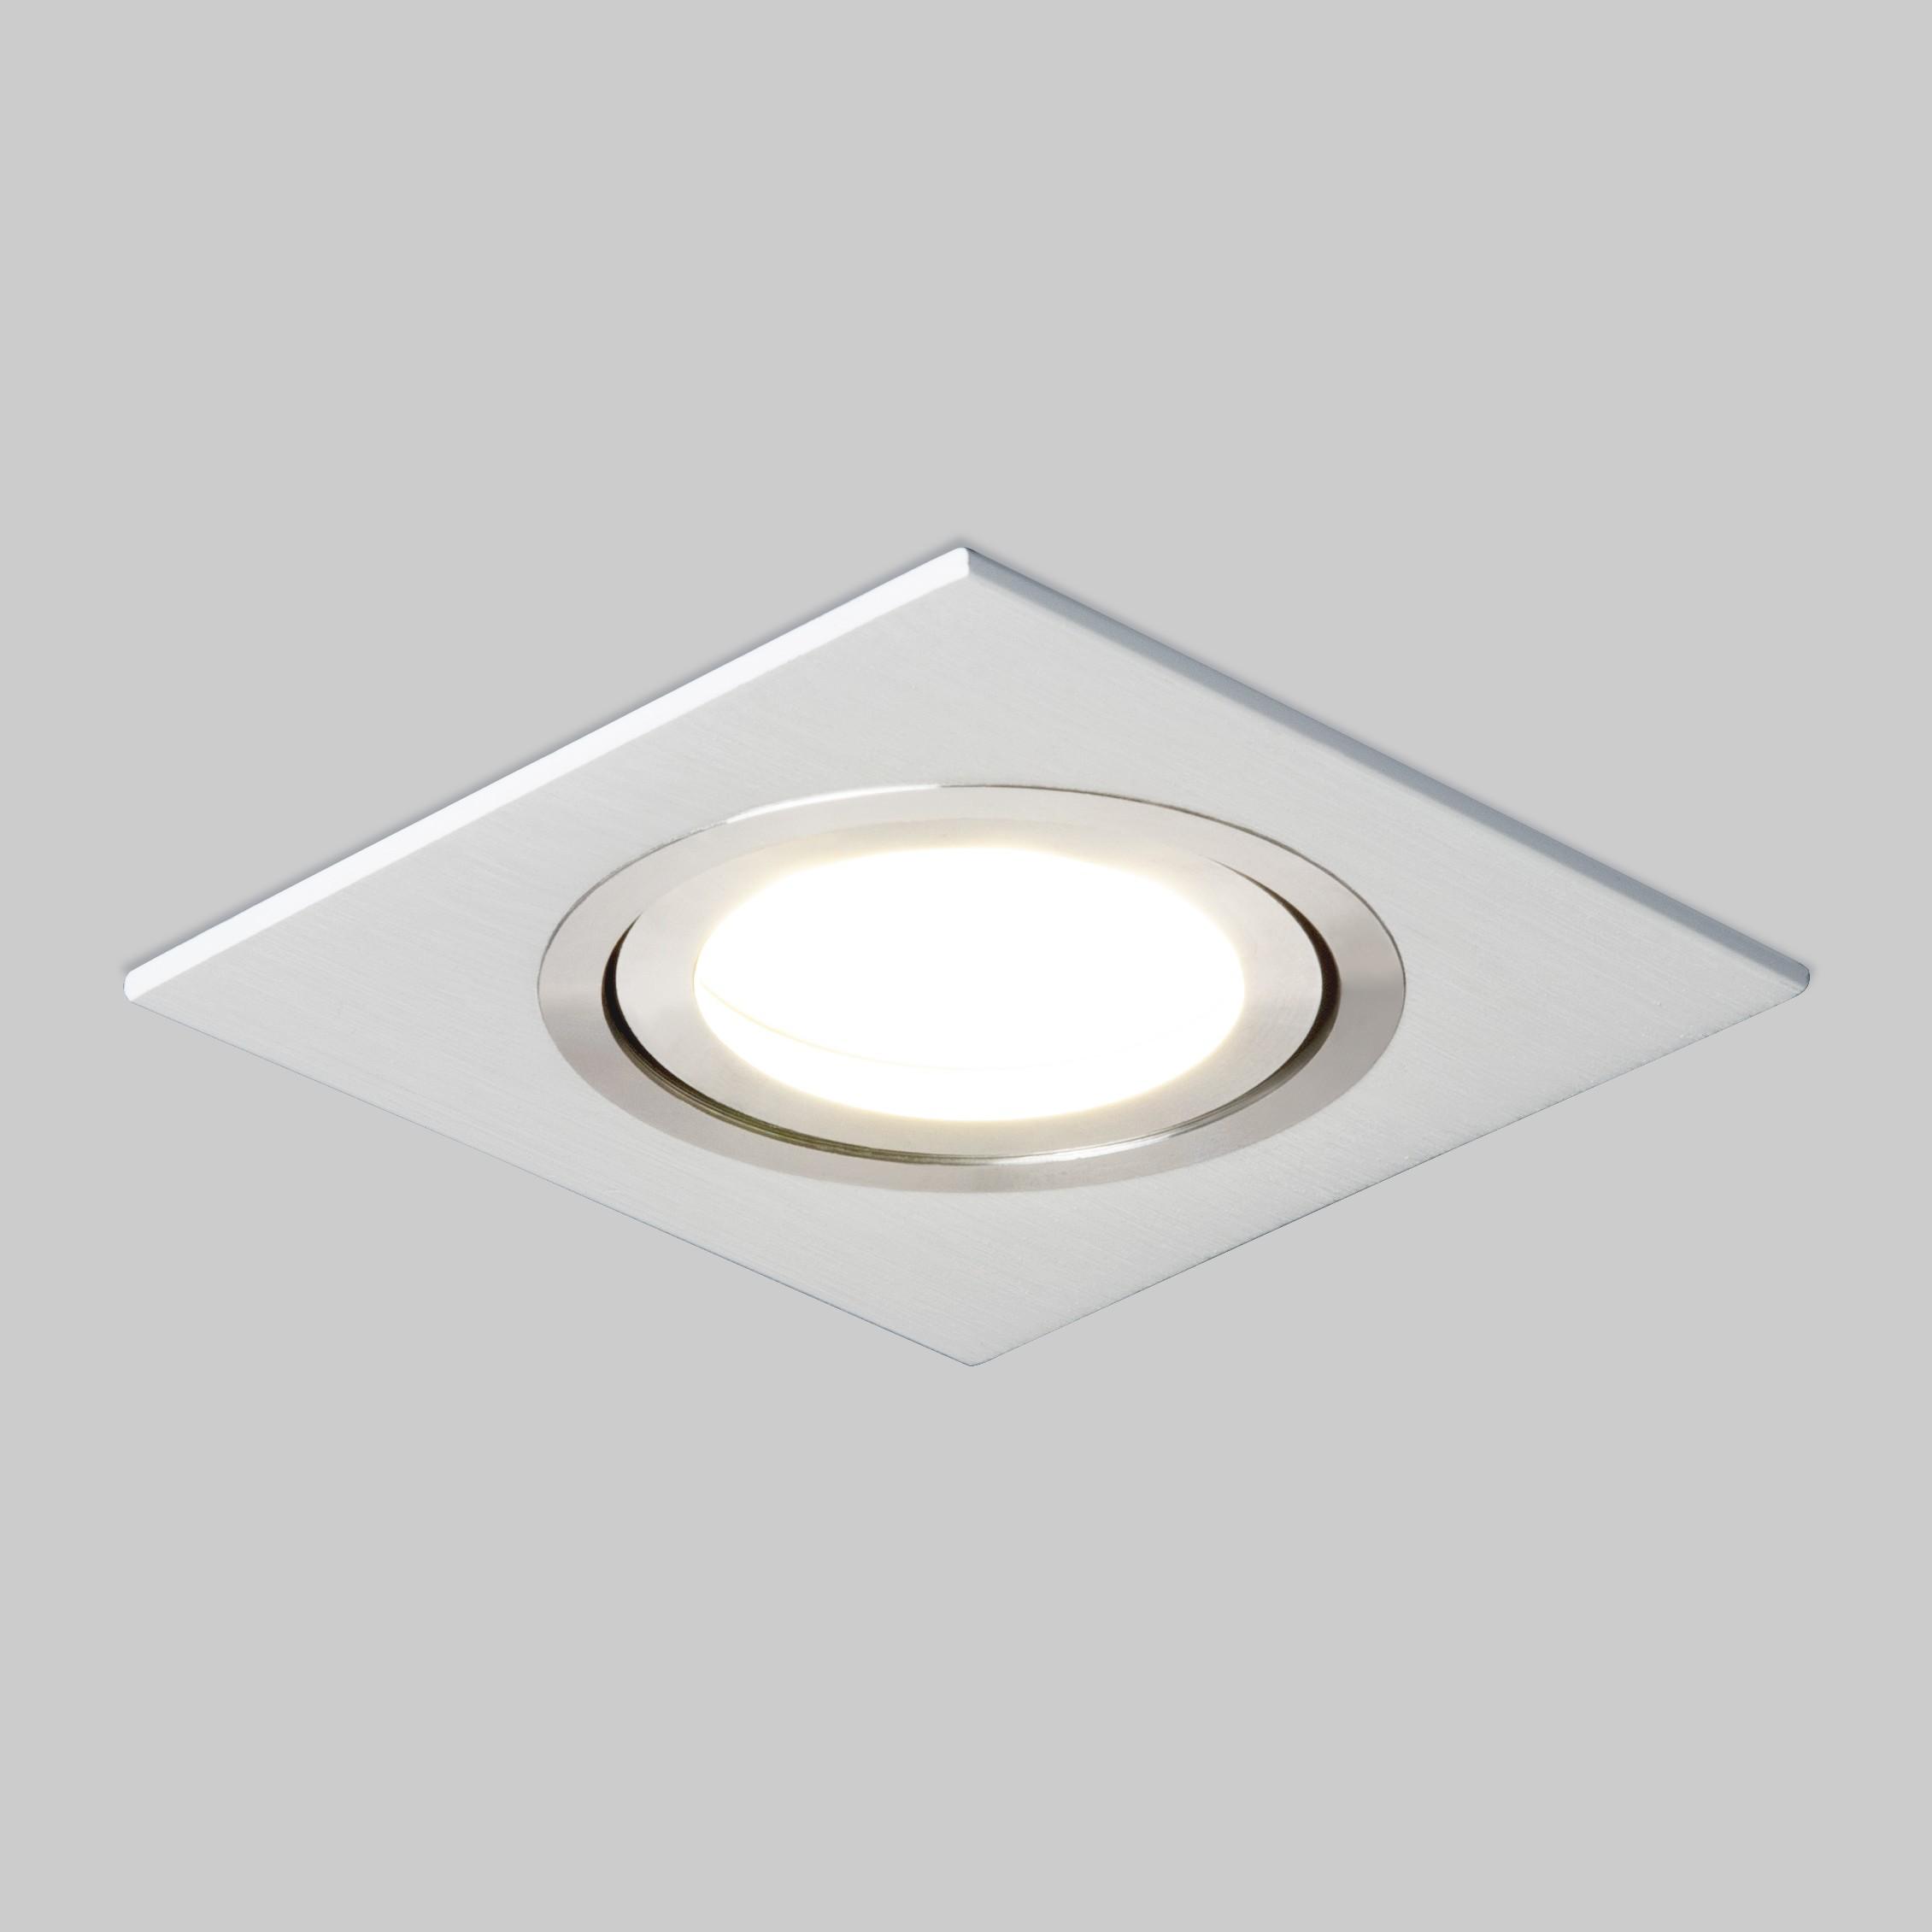 Фото Встраиваемый светильник Elektrostandard 1051 a035243